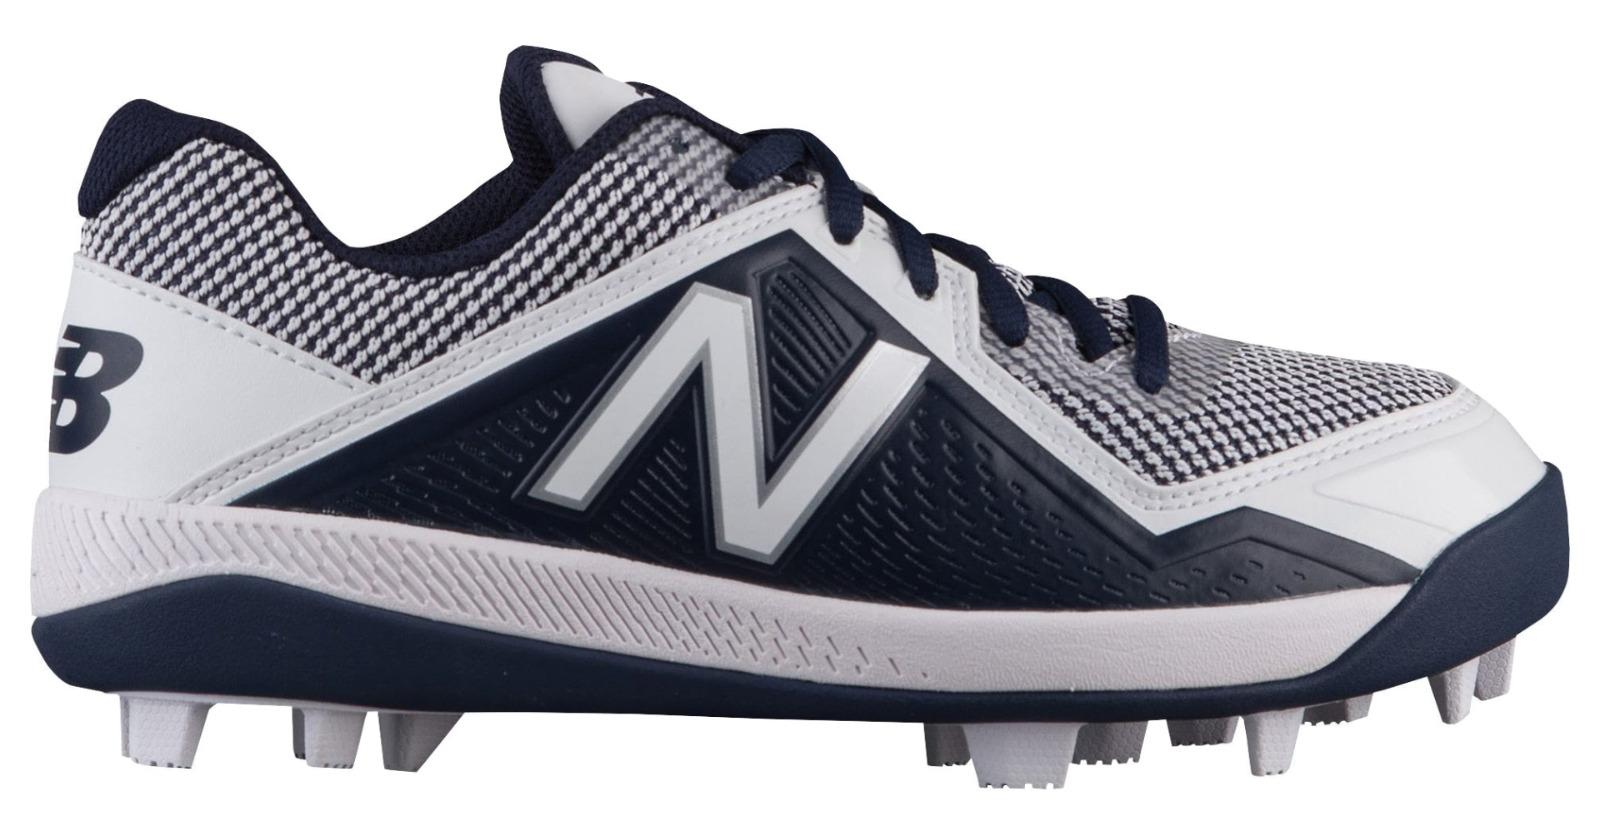 new balance baseball cleats rubber